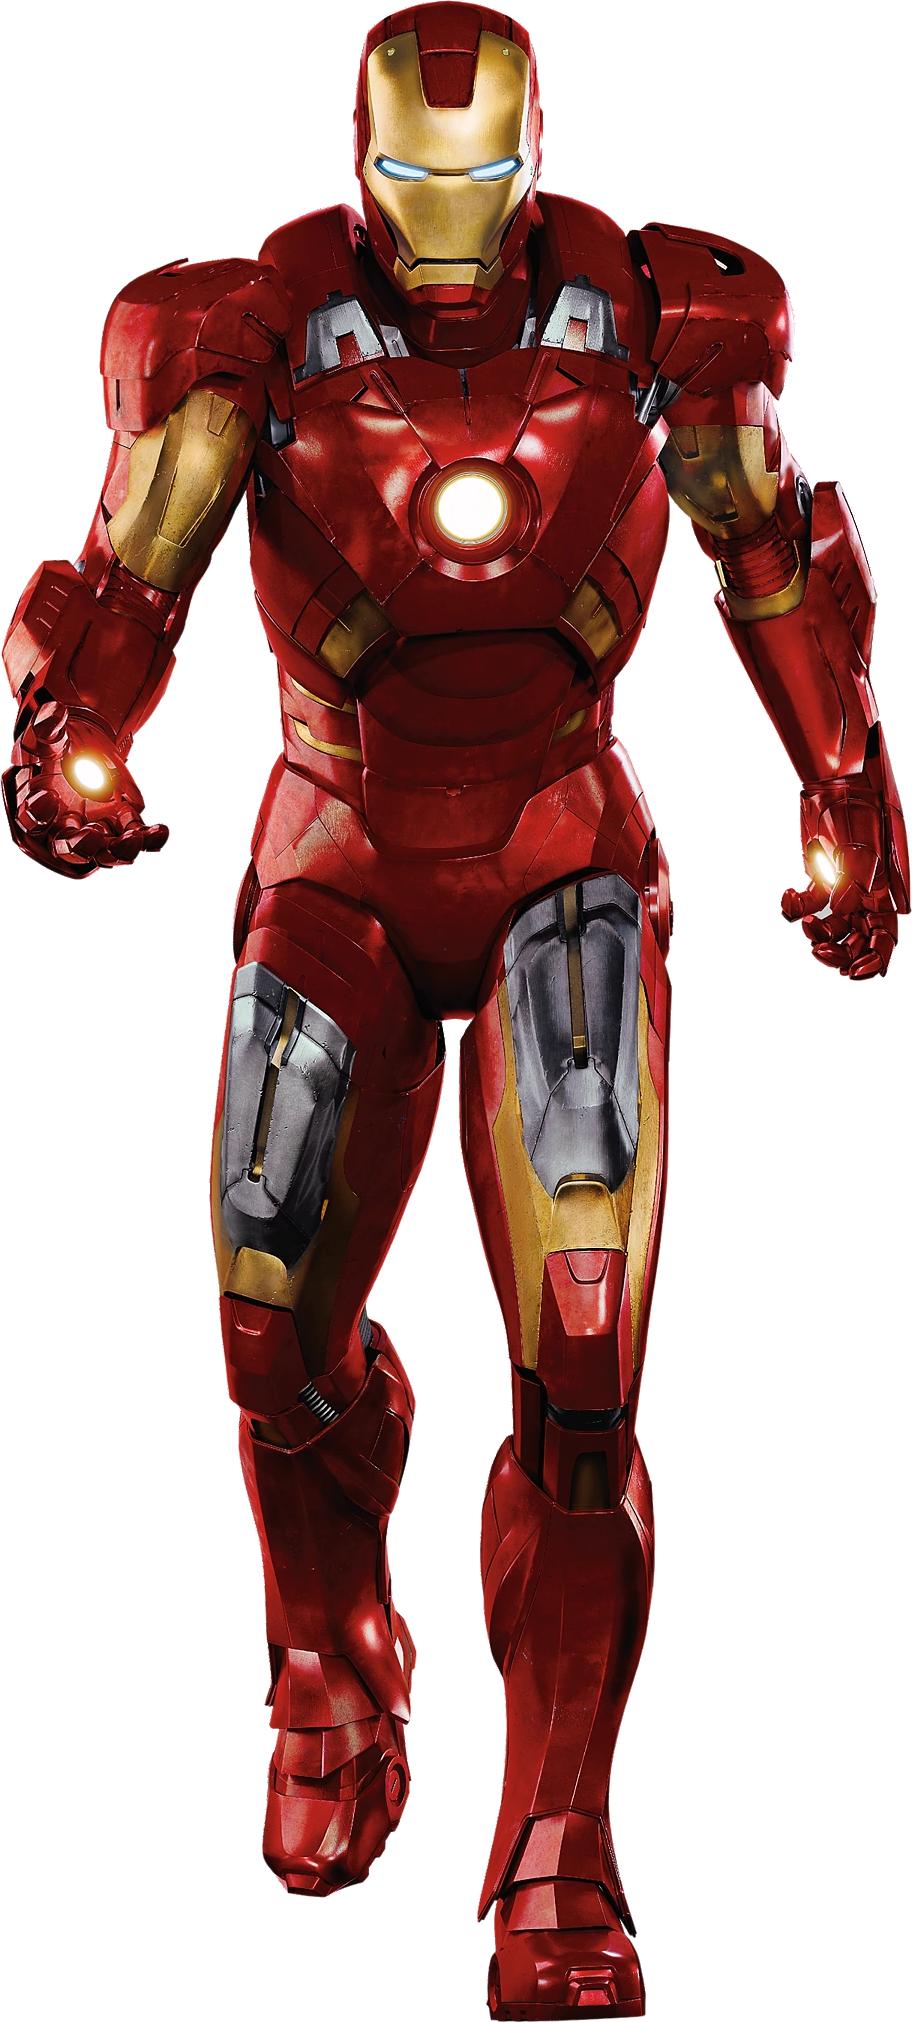 Ironman Walk Png Image Iron Man Iron Man Avengers Iron Man Photos